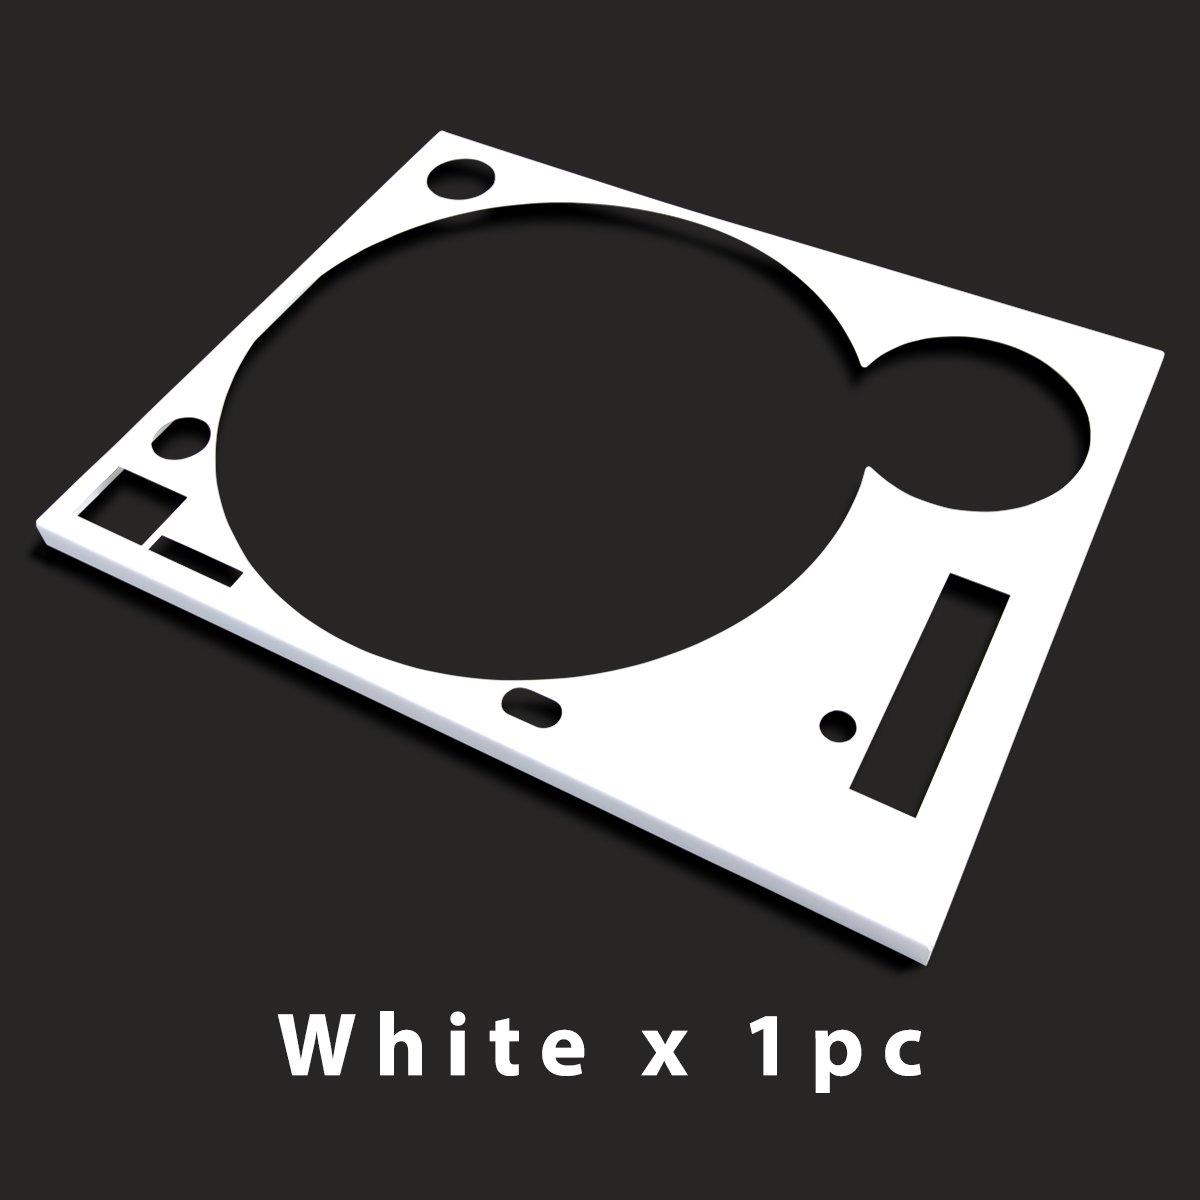 * ターンテーブル カバー (Faceplate)*  ホワイト  1枚 (for Technics SL-1200 MK3D・MK5・MK6)